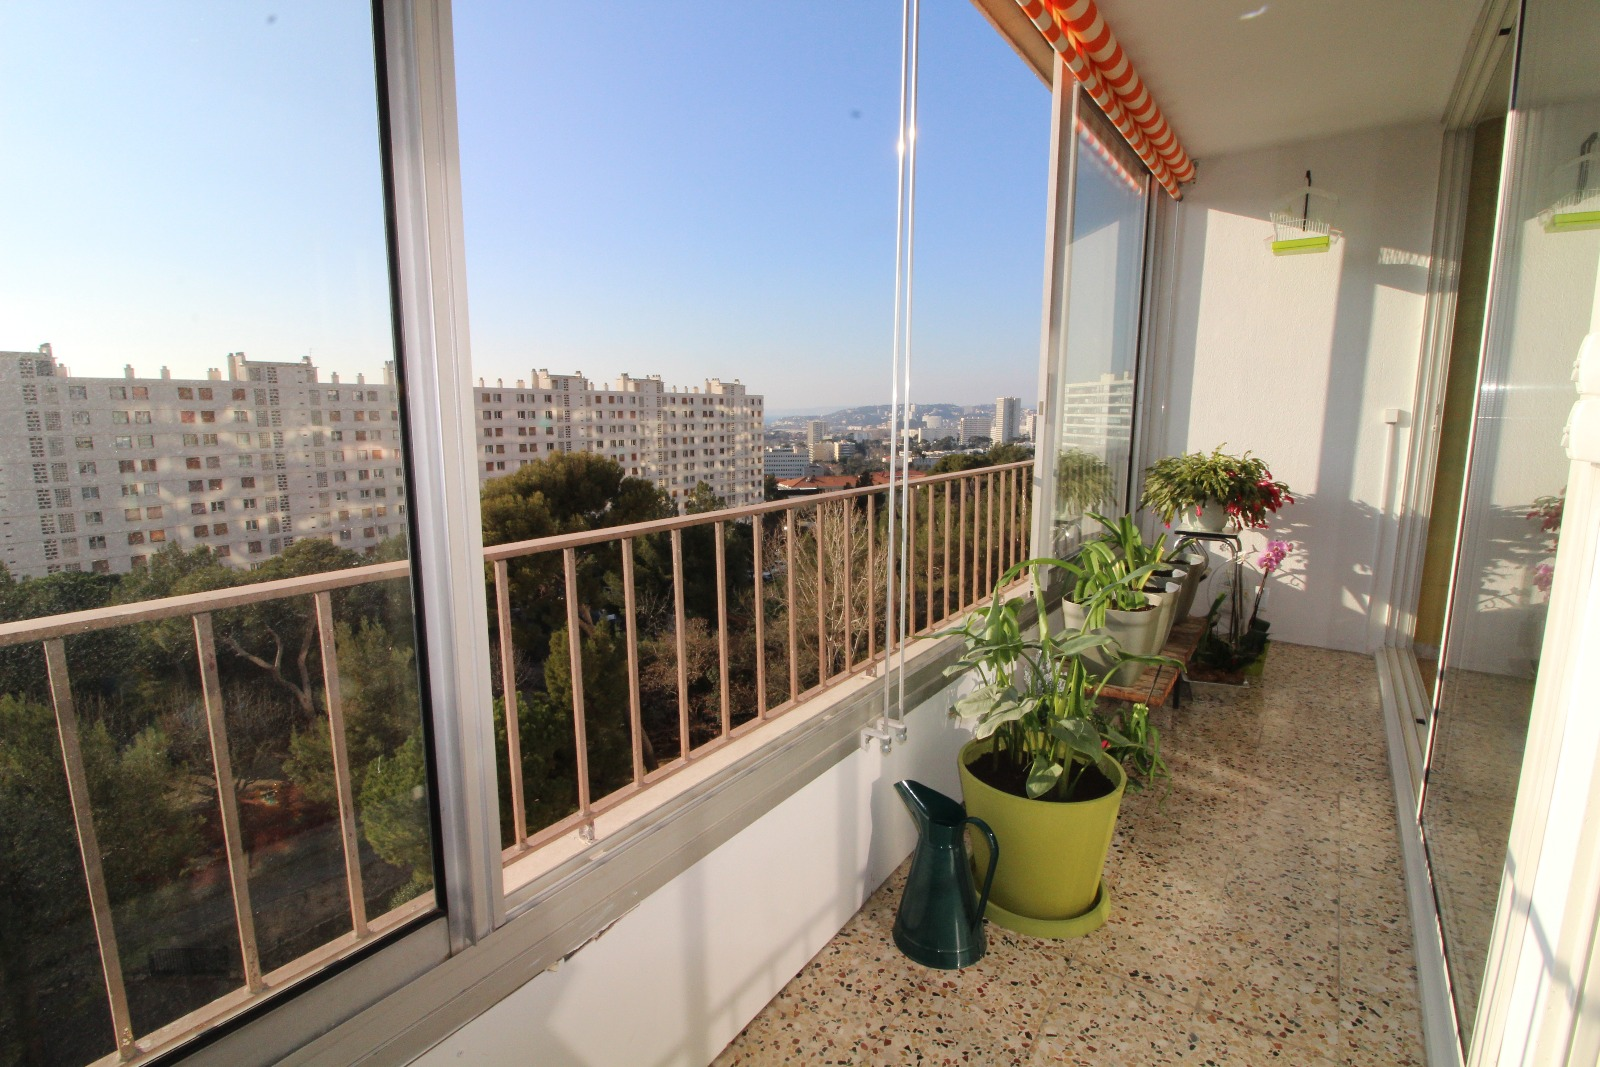 vente valmante type de 56m lc avec balcon ferme. Black Bedroom Furniture Sets. Home Design Ideas